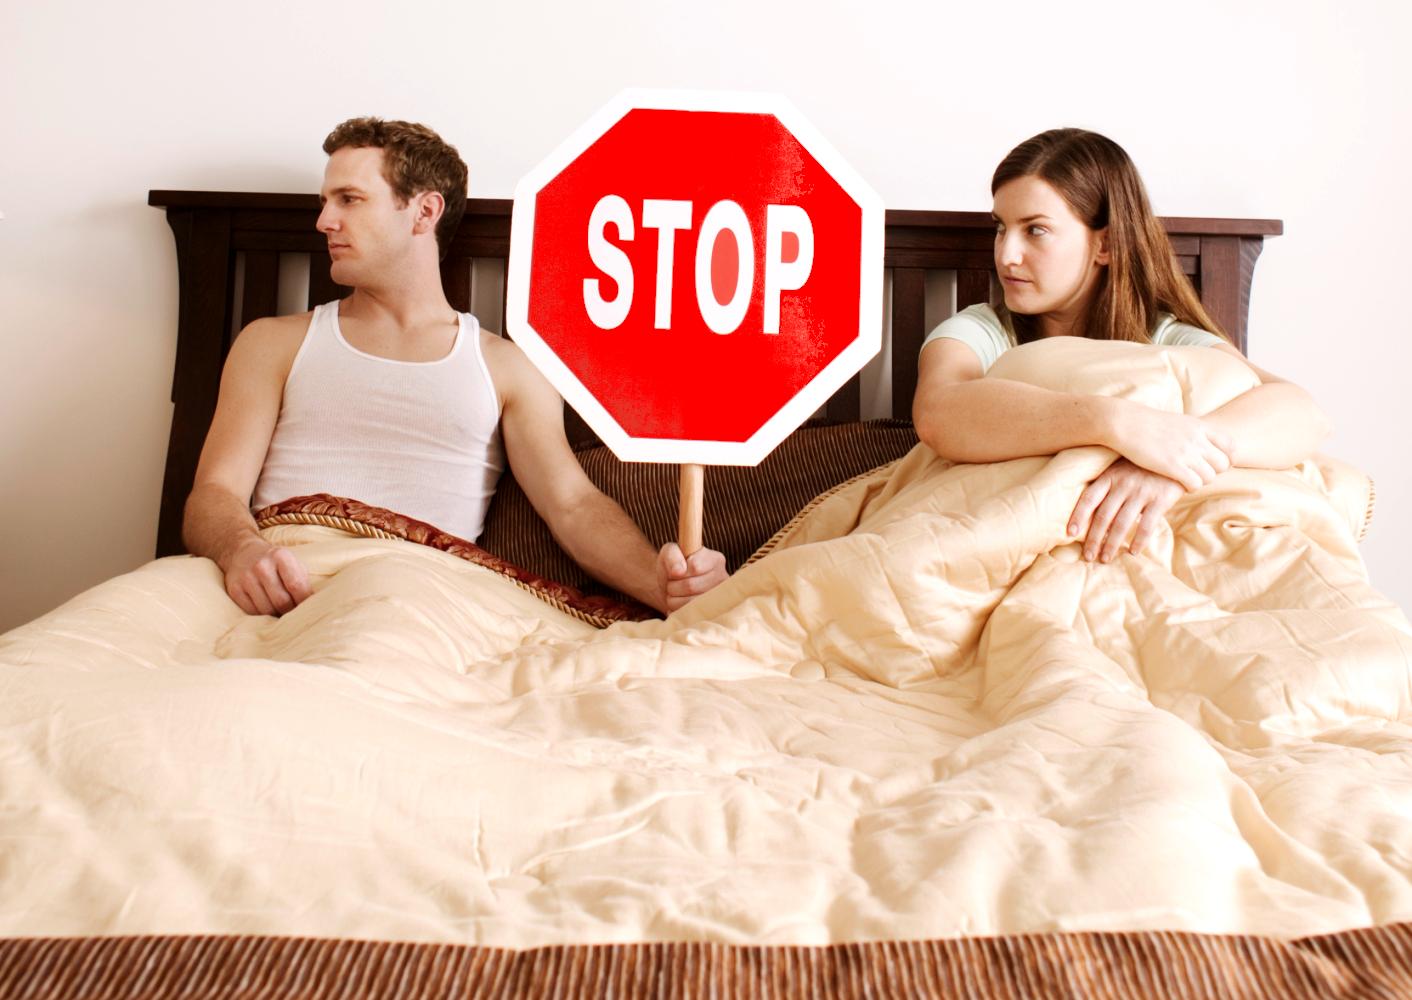 половое воздержание перед приемом уролога